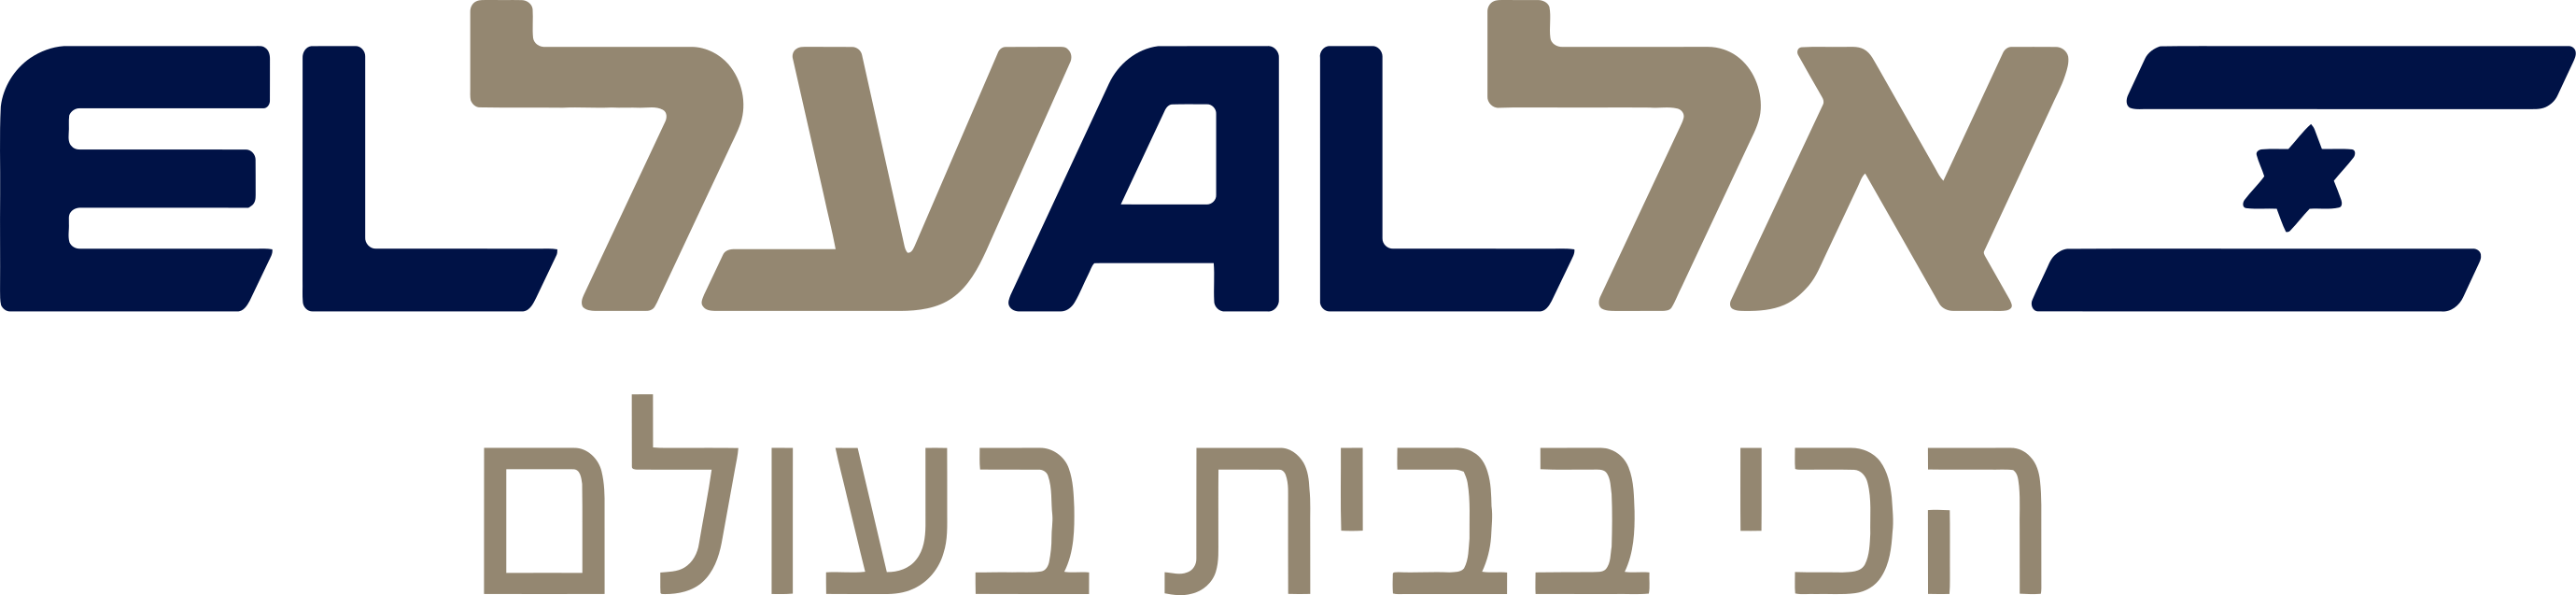 File:Logo of El Al Israel Airlines.svg.